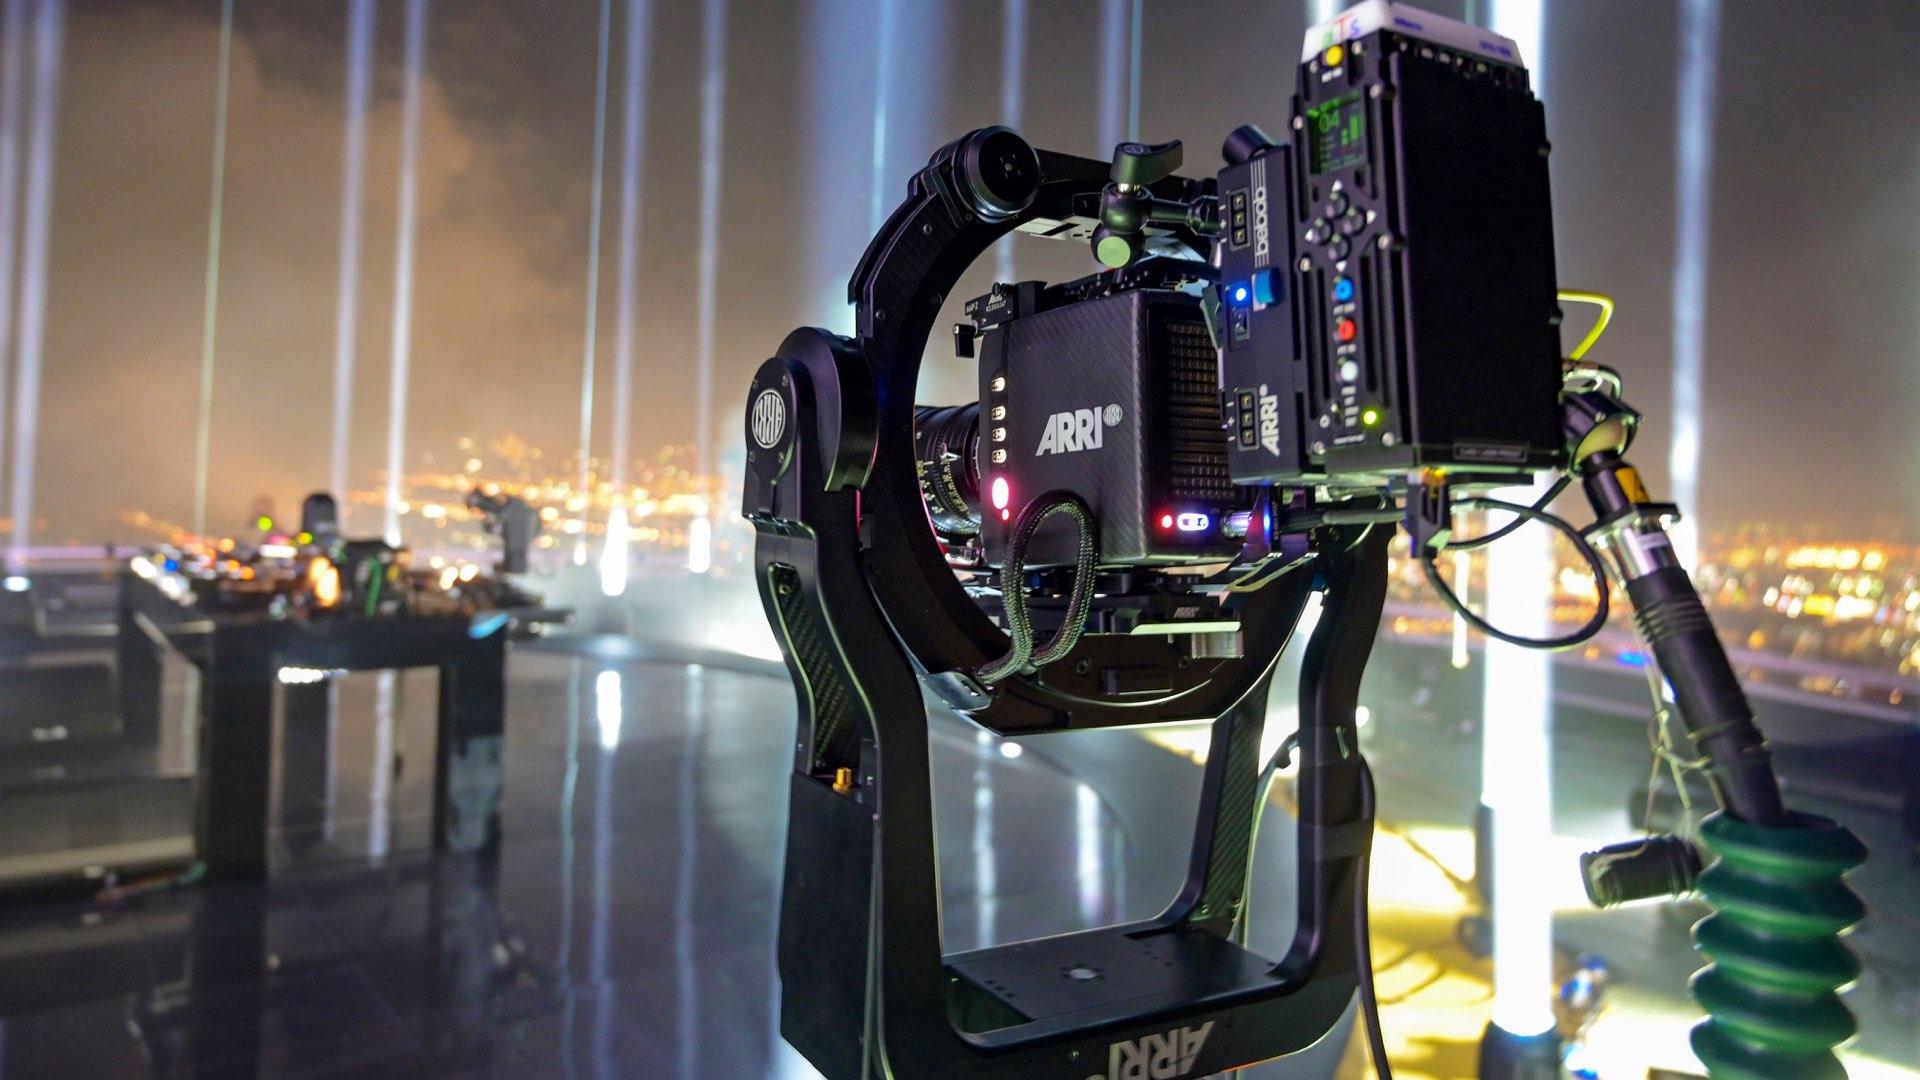 David-Guetta-Dubai-ARRI-Cameras-NOMOBO